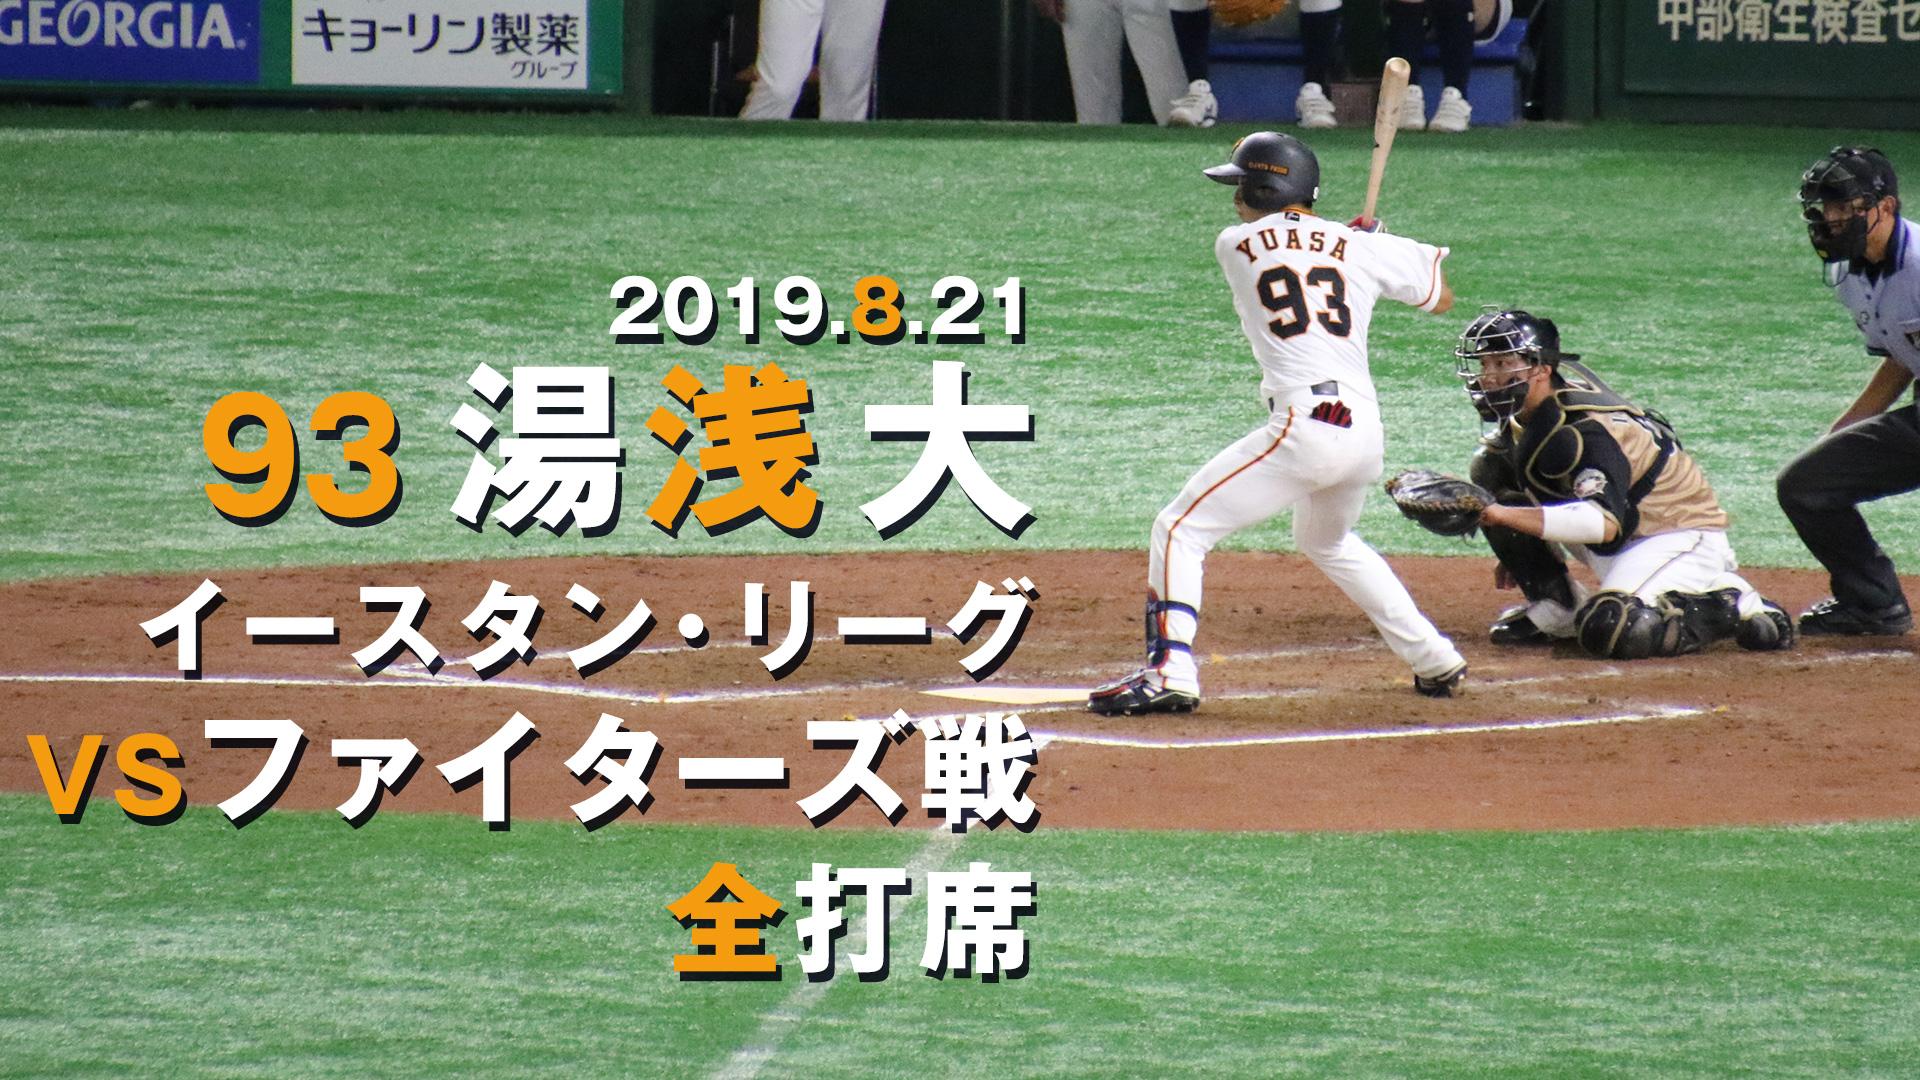 2019.8.21東京ドーム・イースタンリーグ・VS日本ハムファイターズ戦 湯浅大 全打席。サイクルヒットなるか?